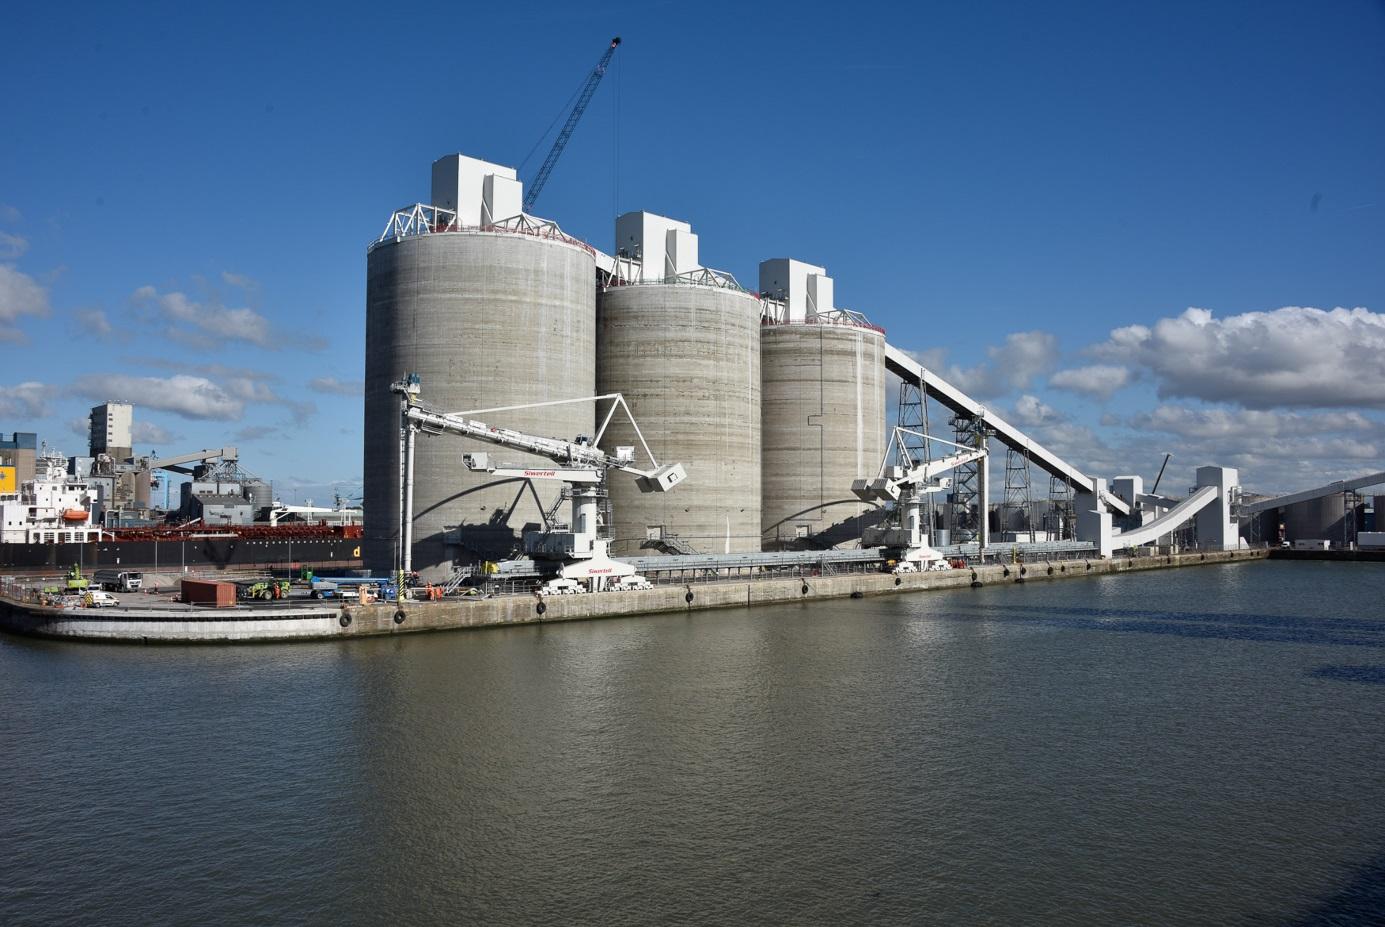 Zásobníky pro skladování pelet pro elektrárnu Drax v  liverpoolském přístavu (zdroj Drax).